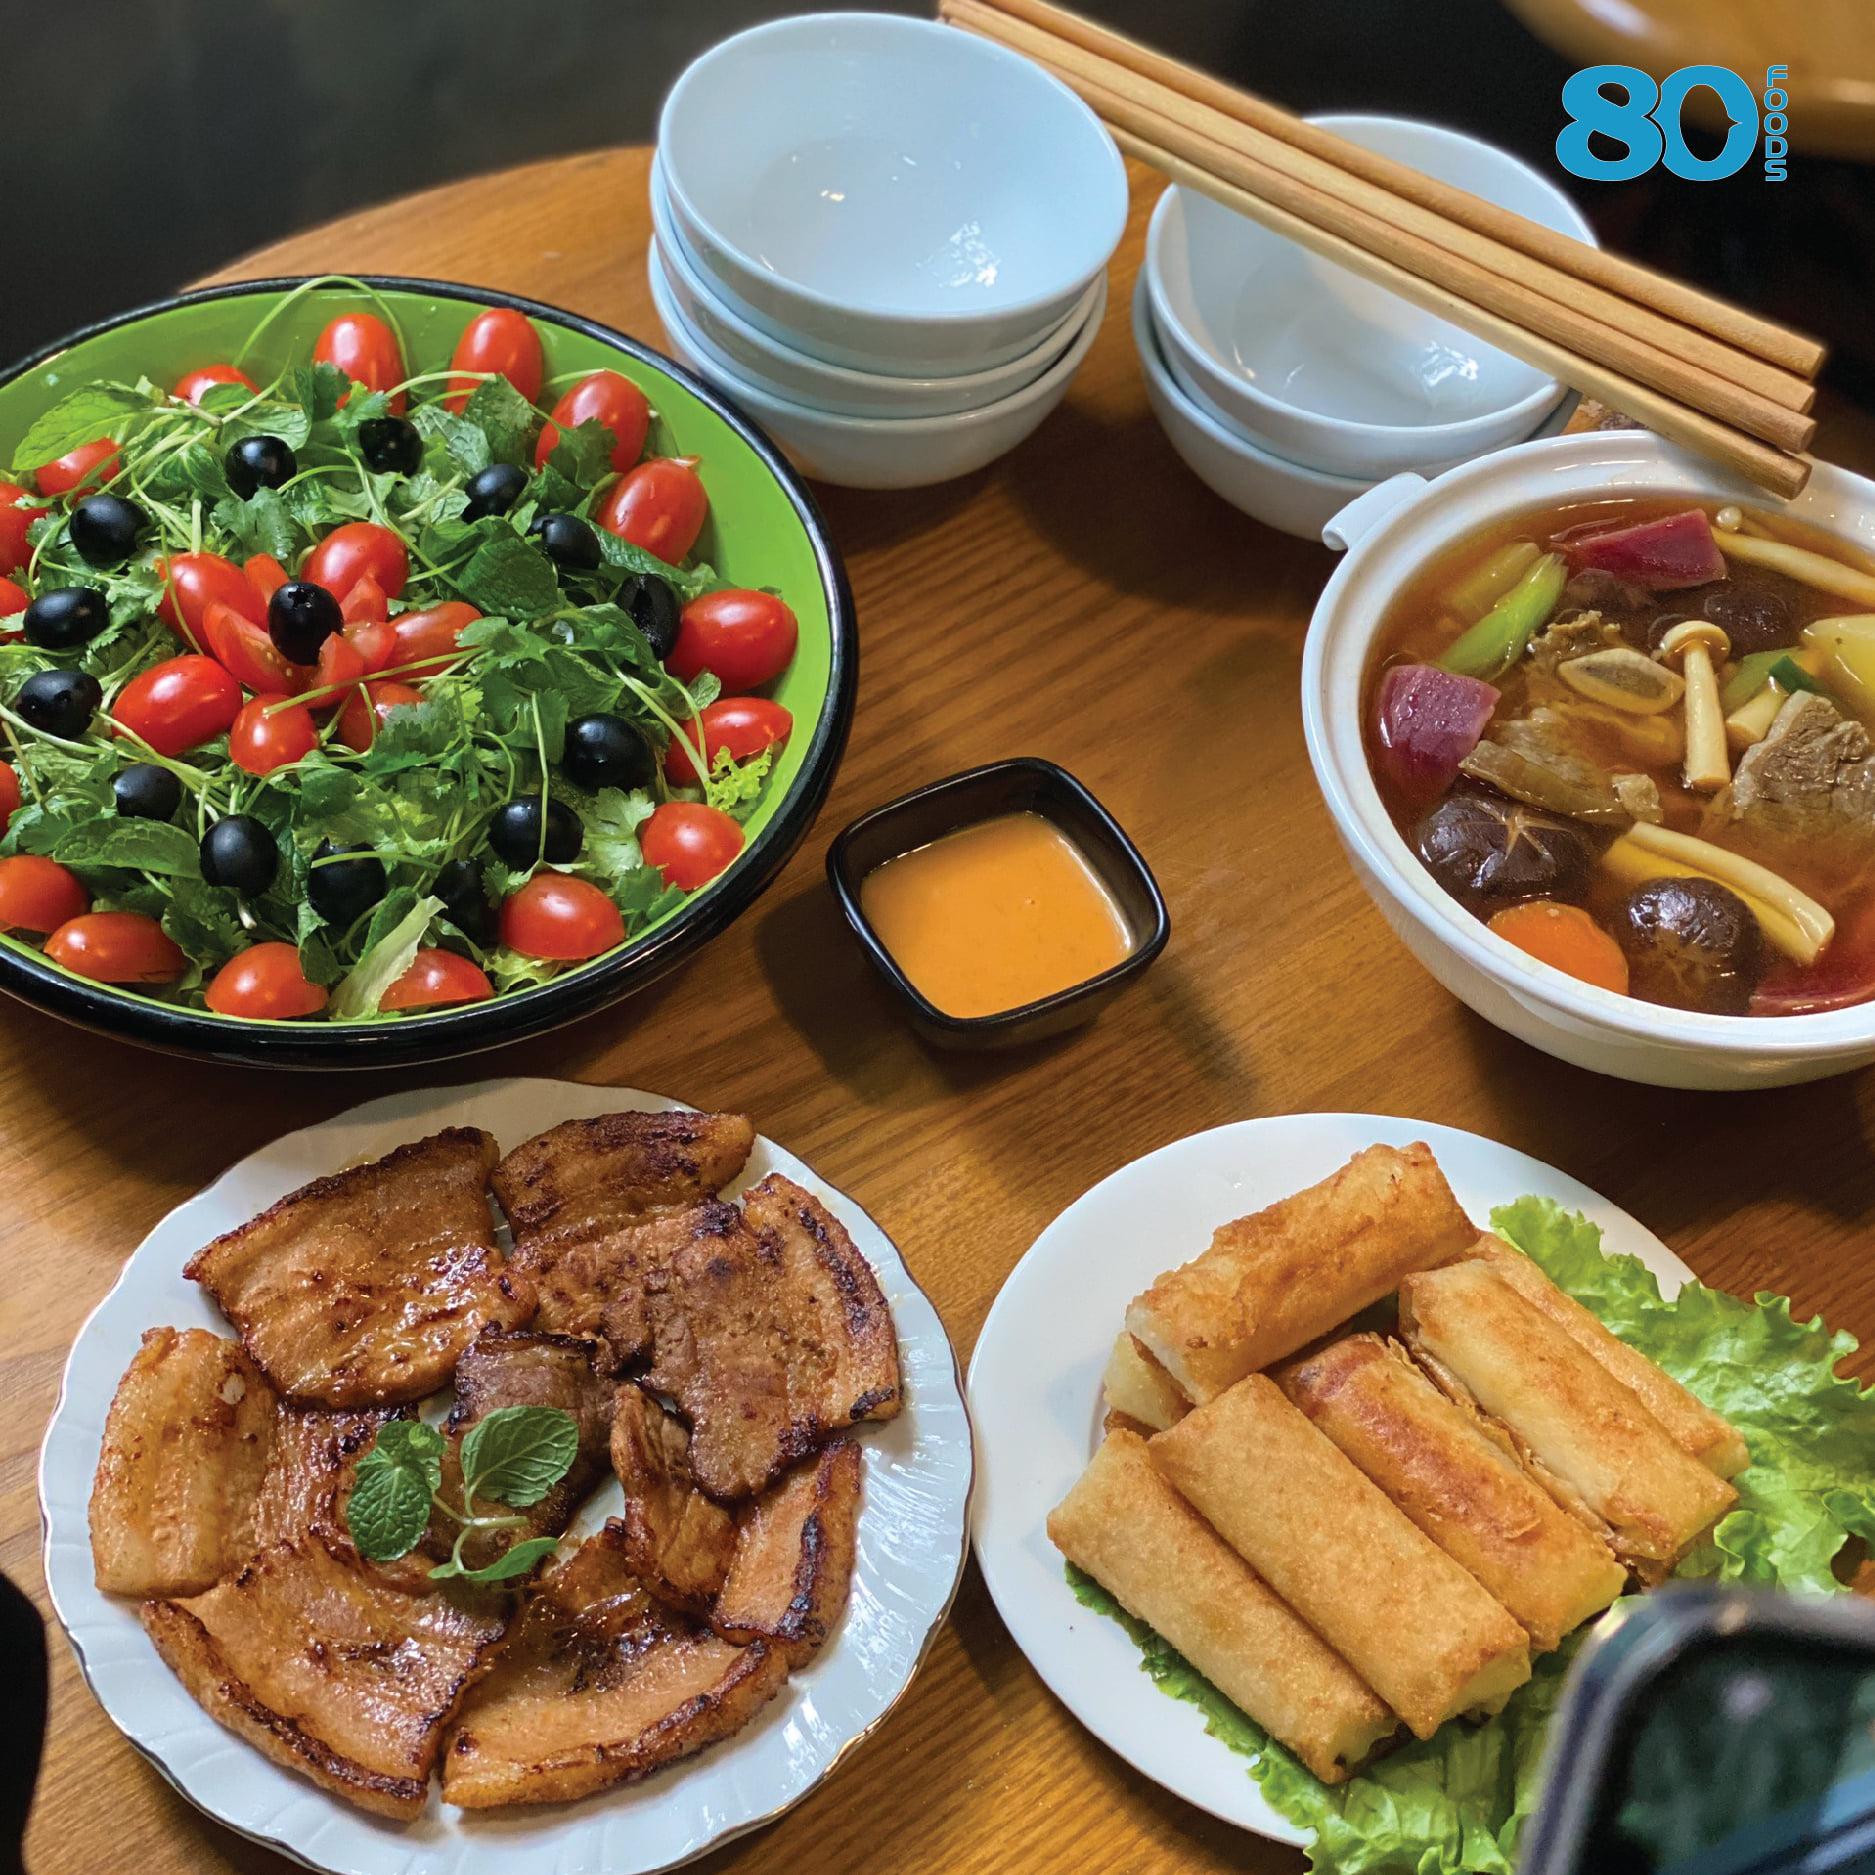 Bếp Bao Cấp 80FOODS - Cho bữa cơm gia đình hiện đại luôn ngon trọn vẹn!